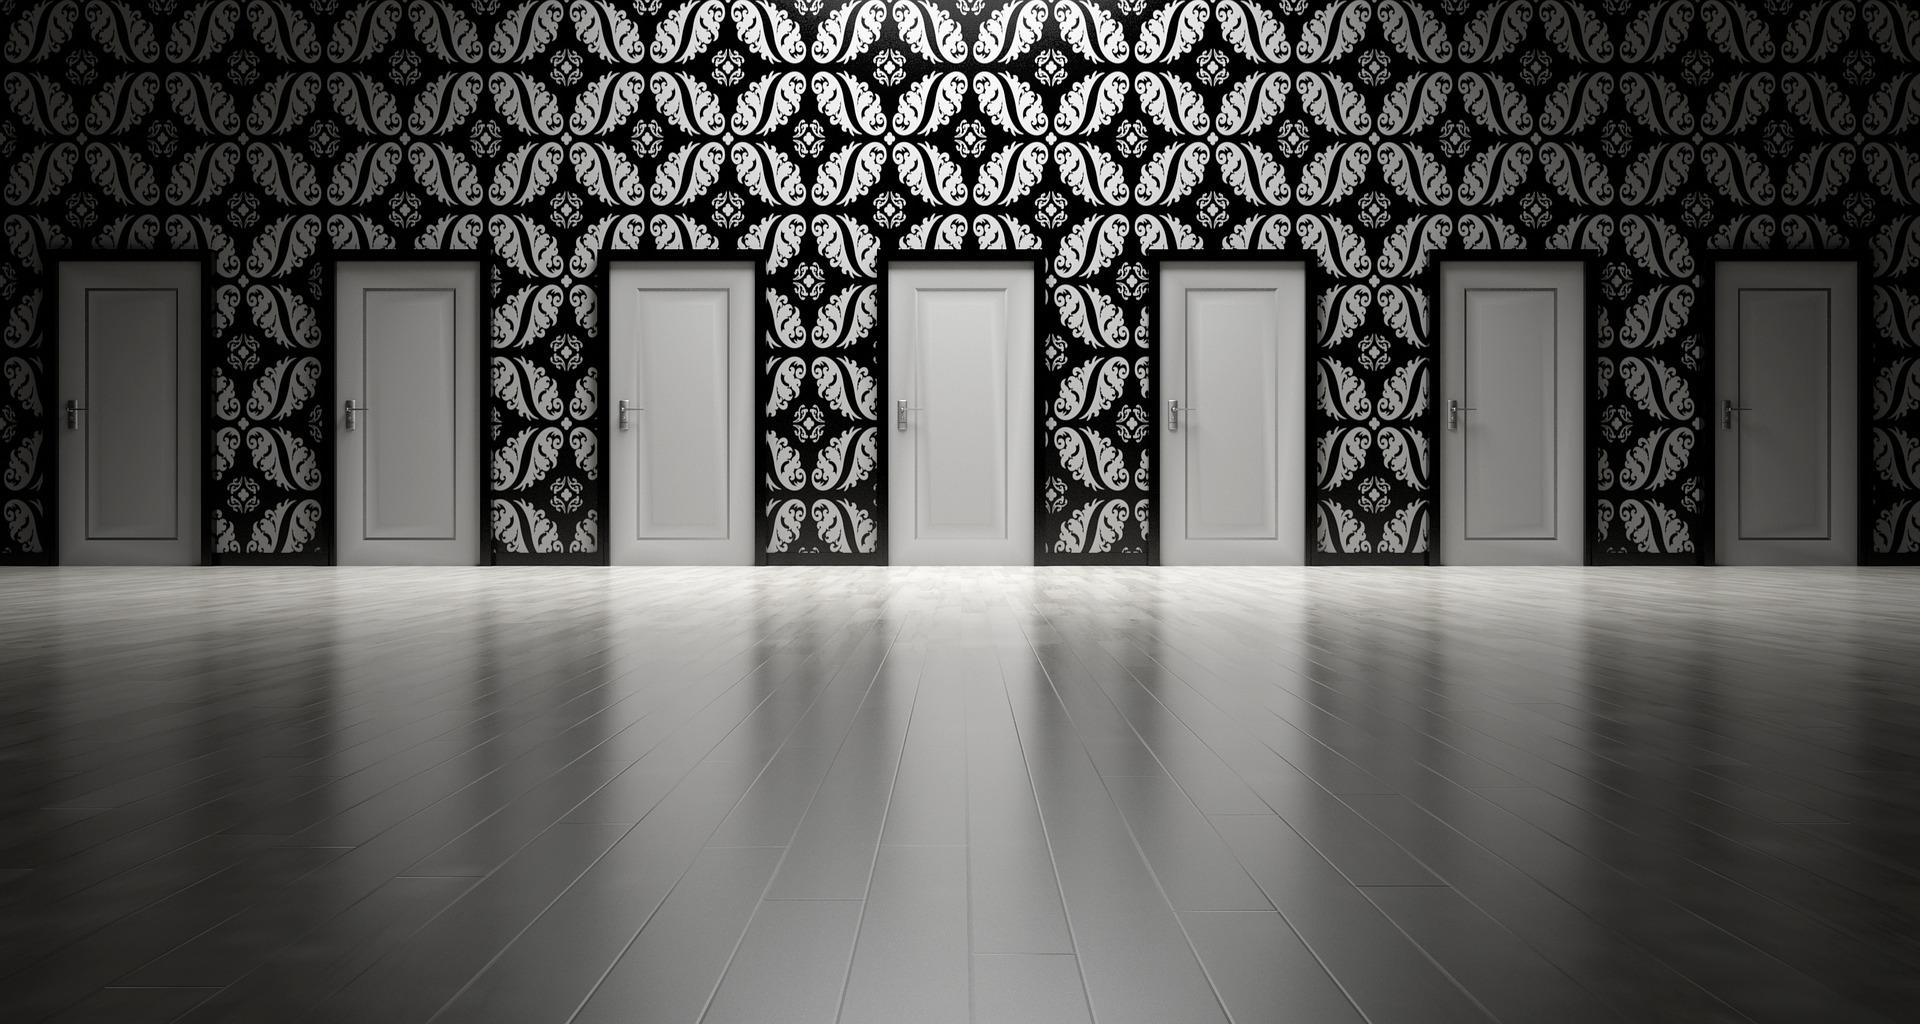 Mustavalkoisessa kuvassa ovien rivistö.